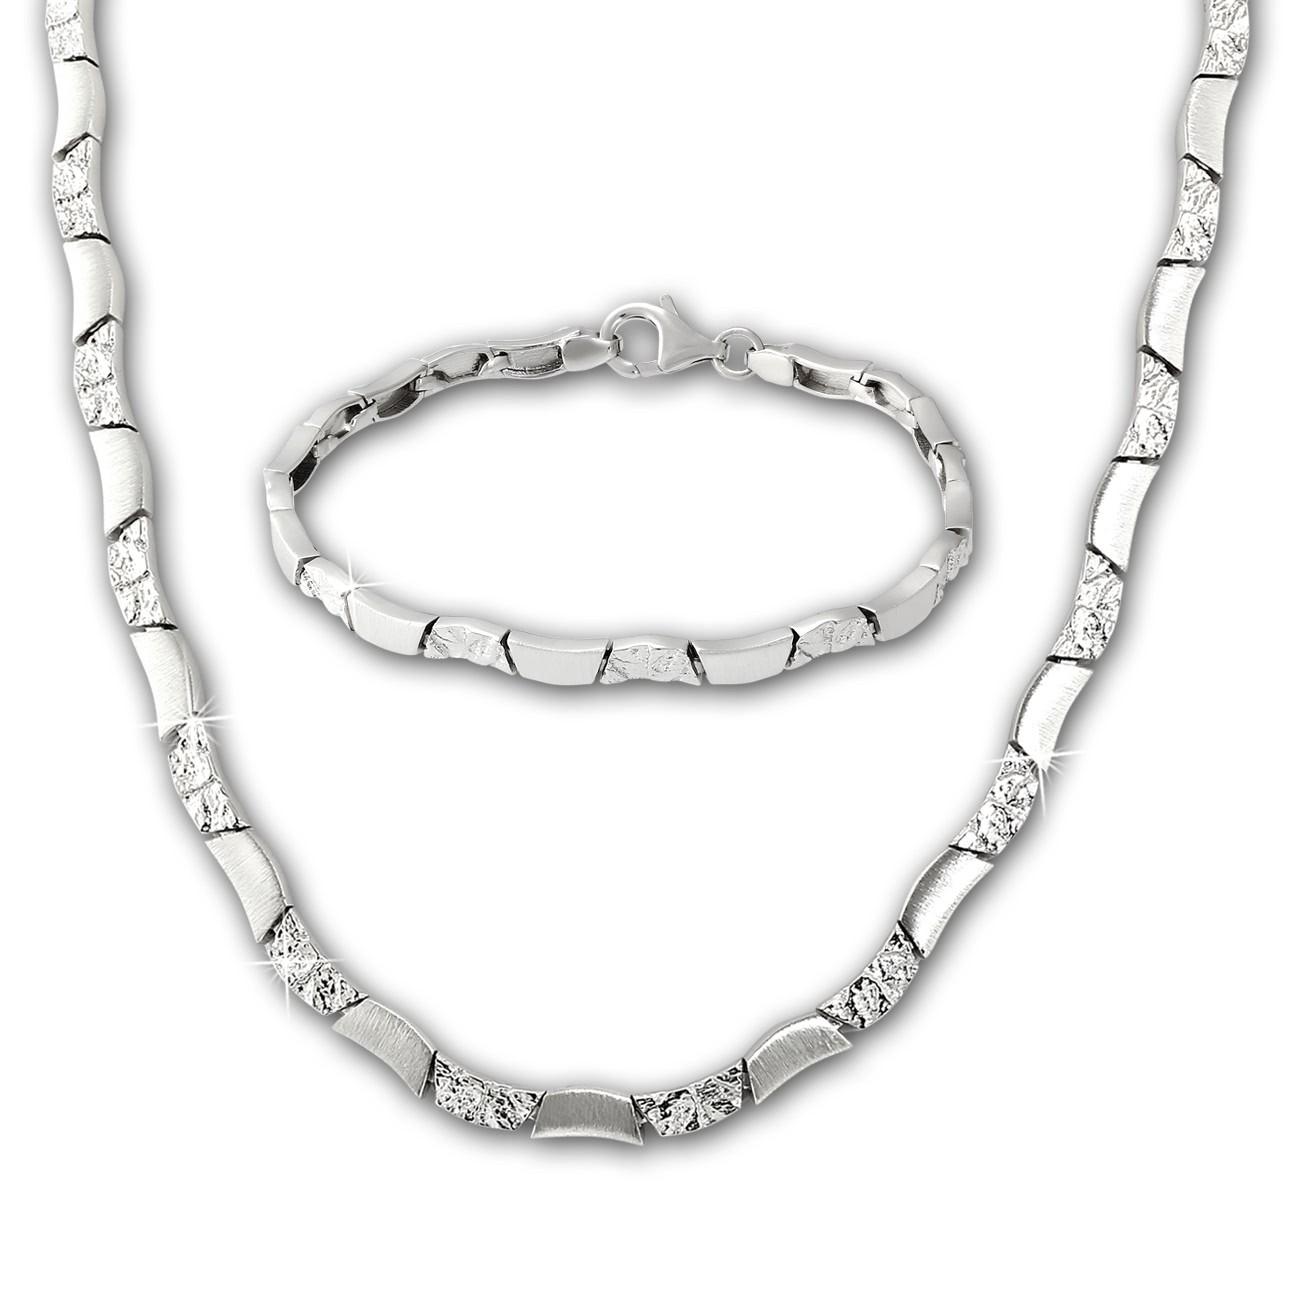 SilberDream Schmuck Set Wave Collier & Armband Damen 925 Silber SDS477J